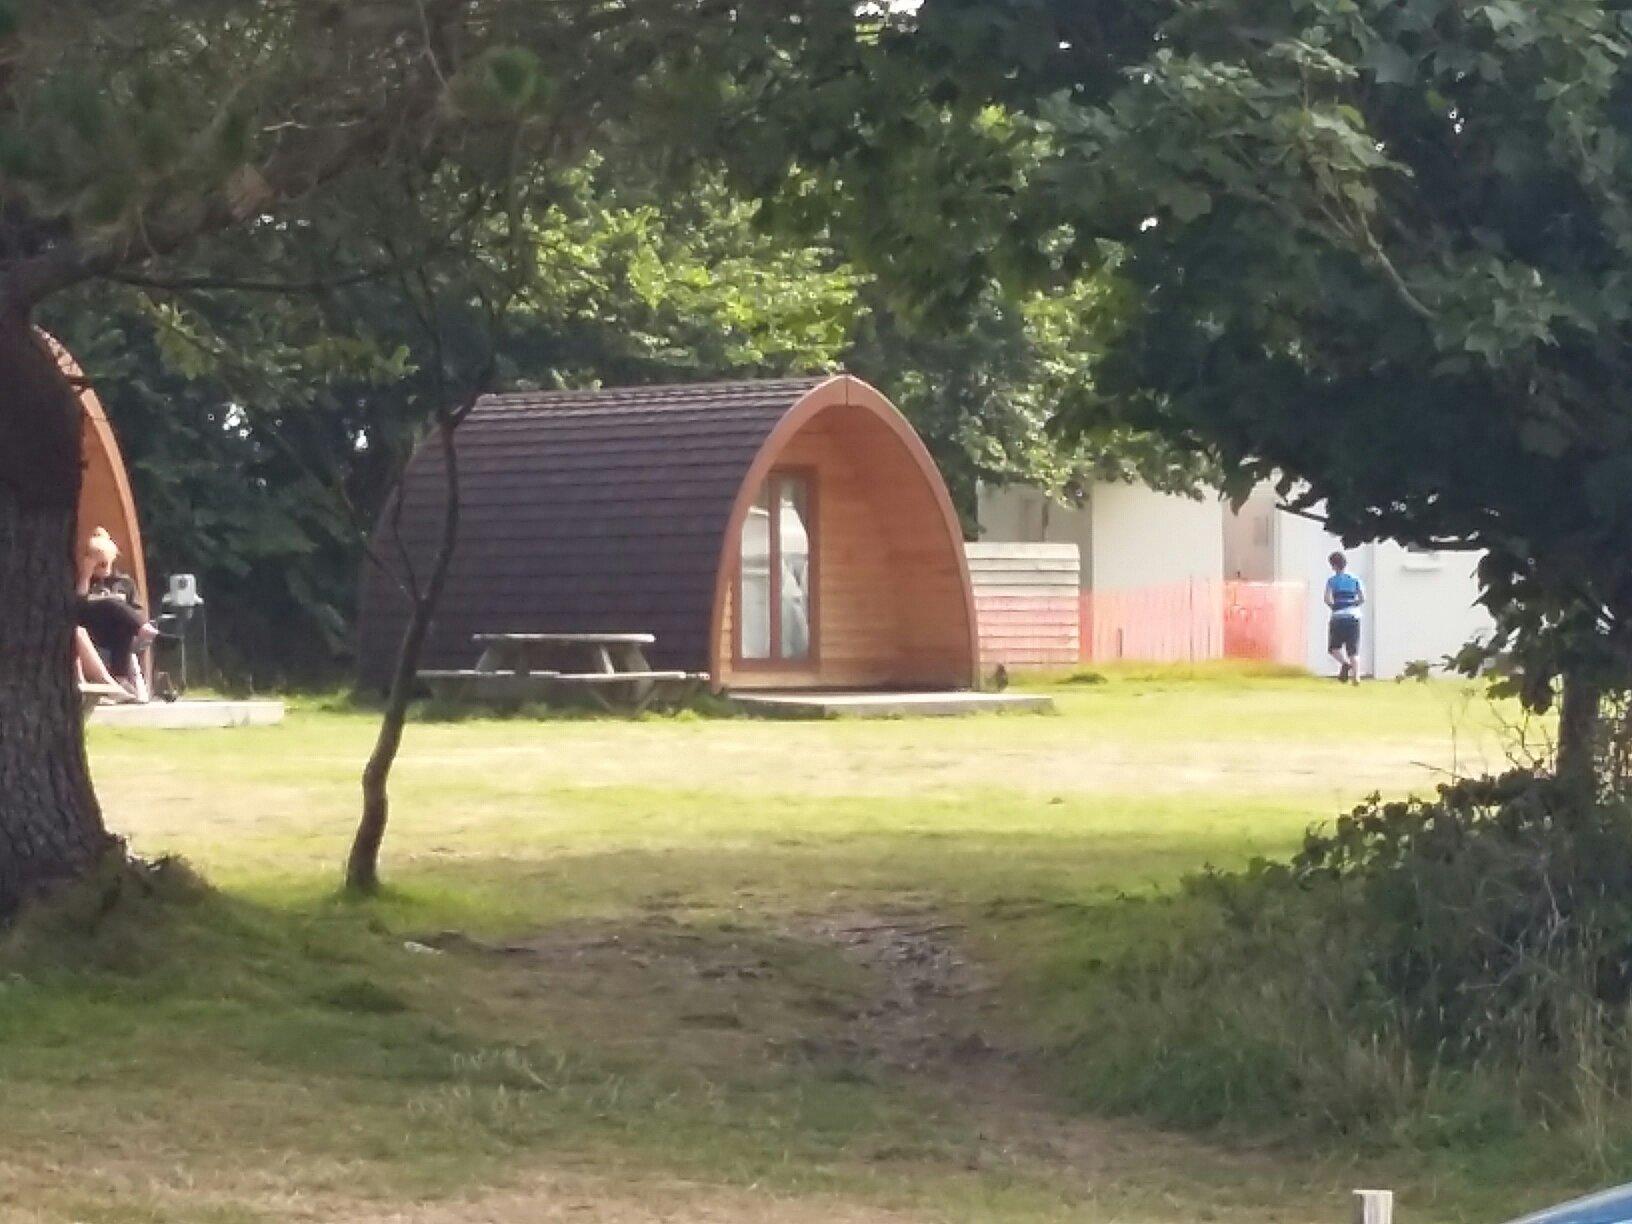 Teneriffe Farm Campsite